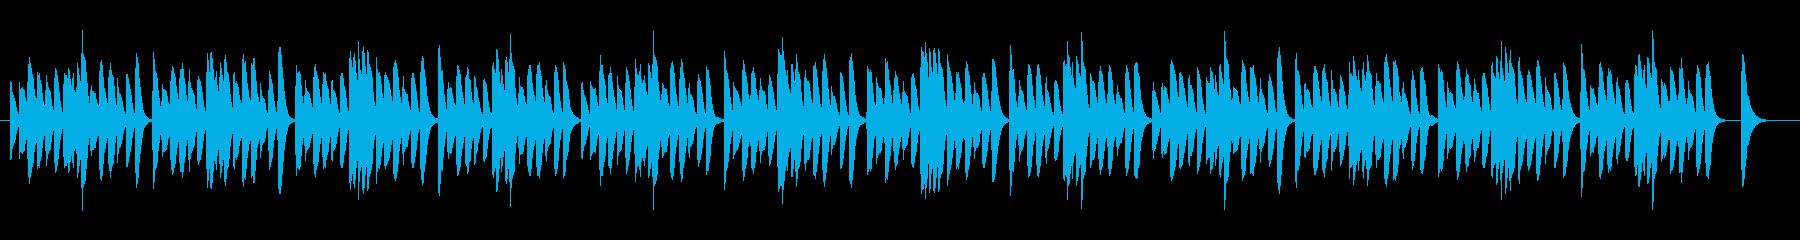 ピアノ/木琴/ほのぼのシンプル日常BGMの再生済みの波形